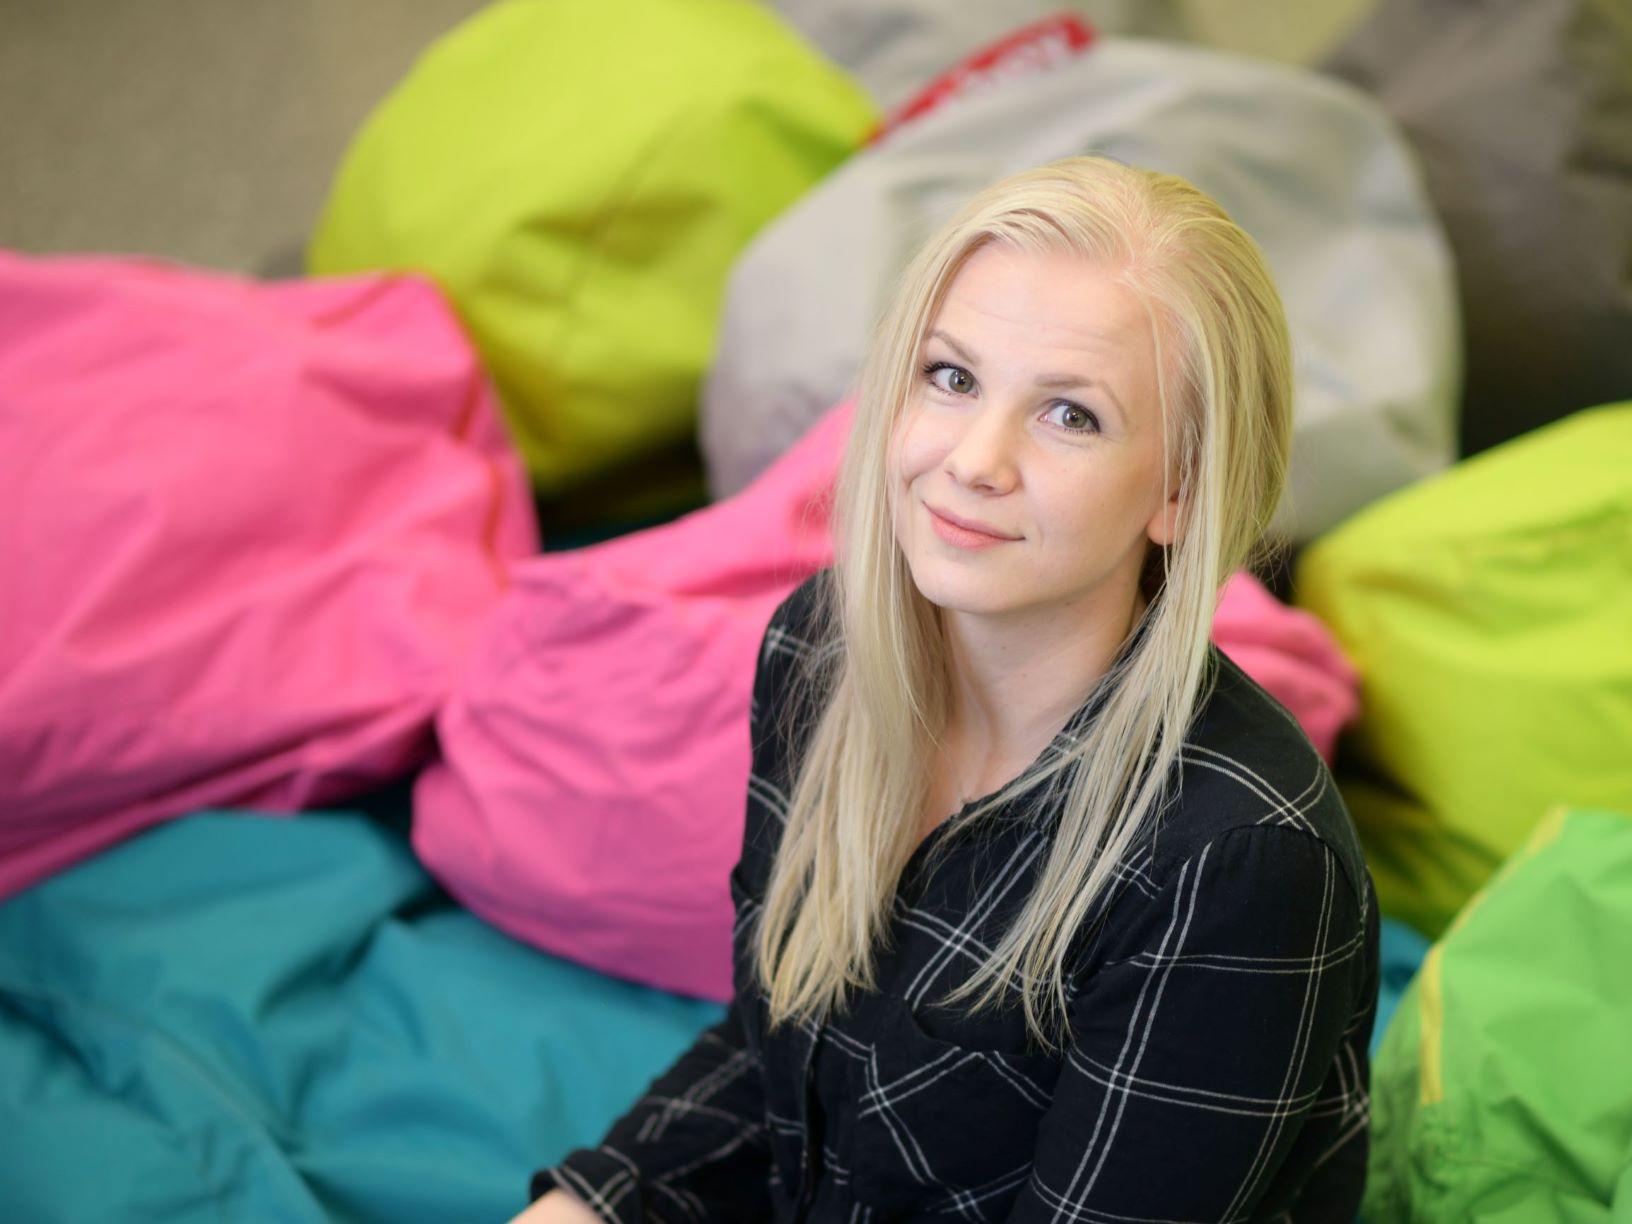 Hymyilevä Johanna Flinkman mustaruutuisessa paidassa. Taustalla värikkäitä fatboy tyynyjä.